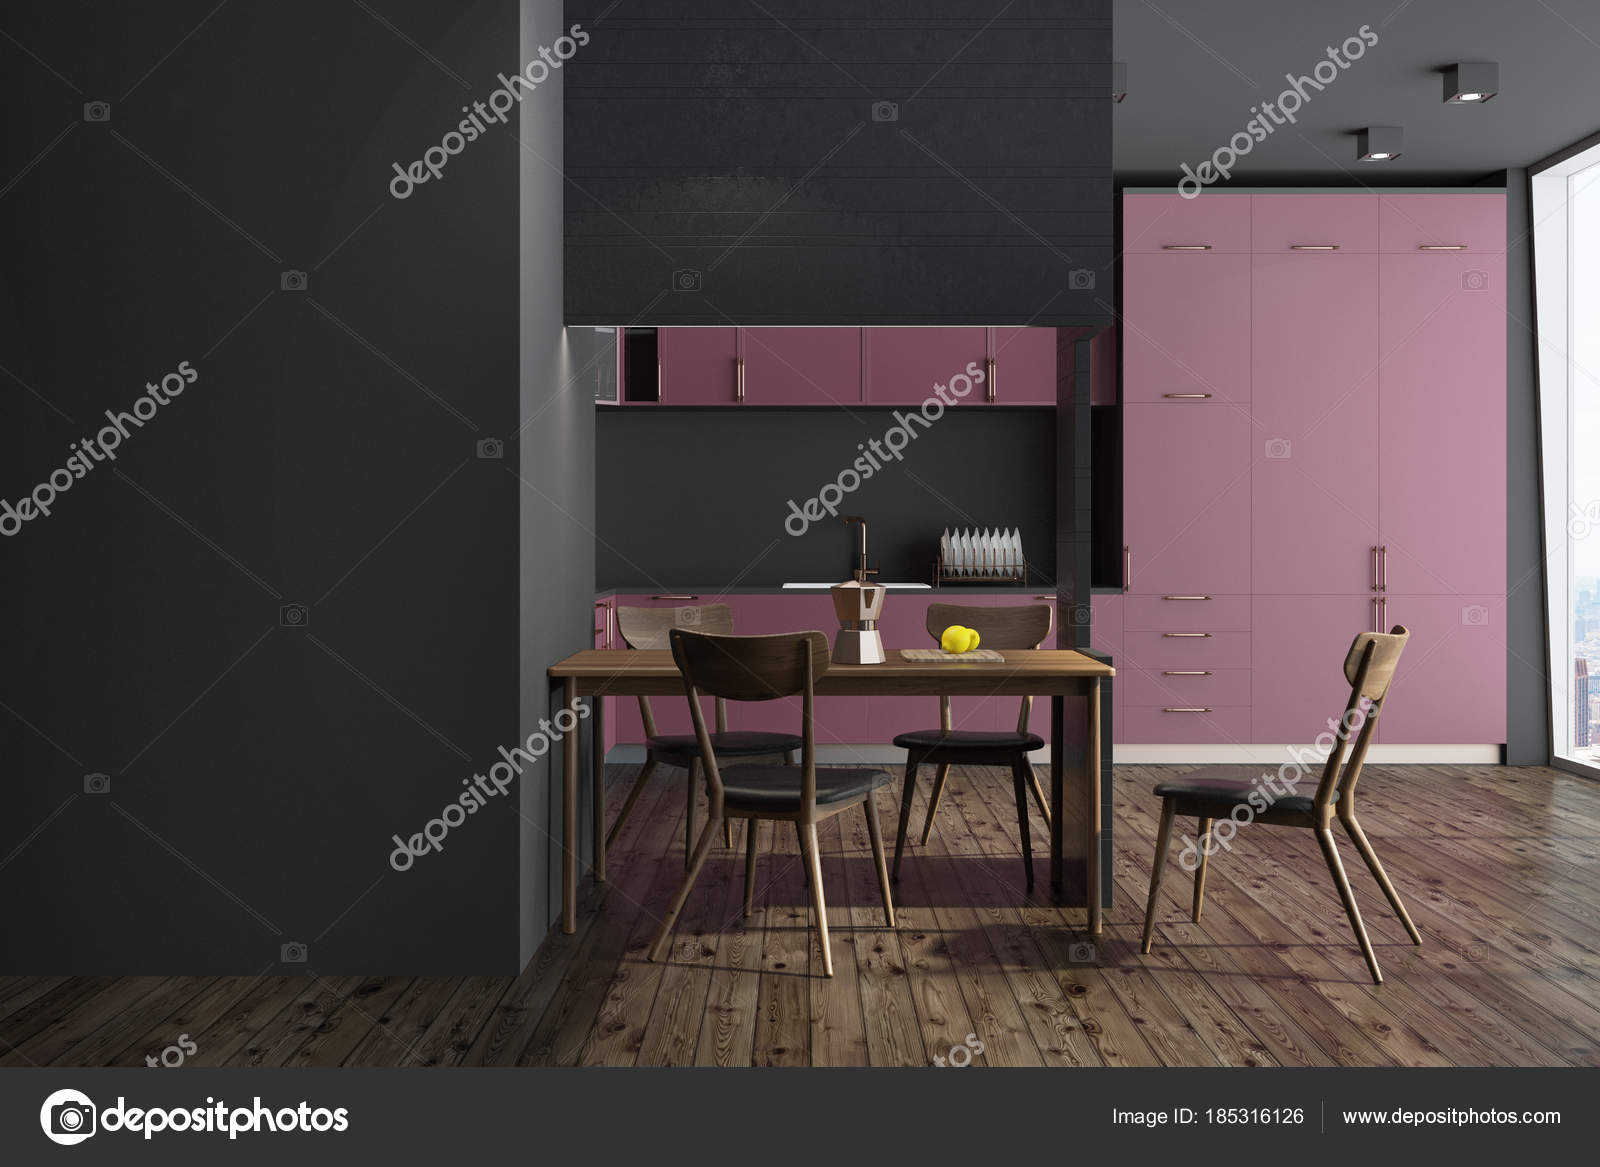 Cucina nera rossa e nera mobili parete u foto stock